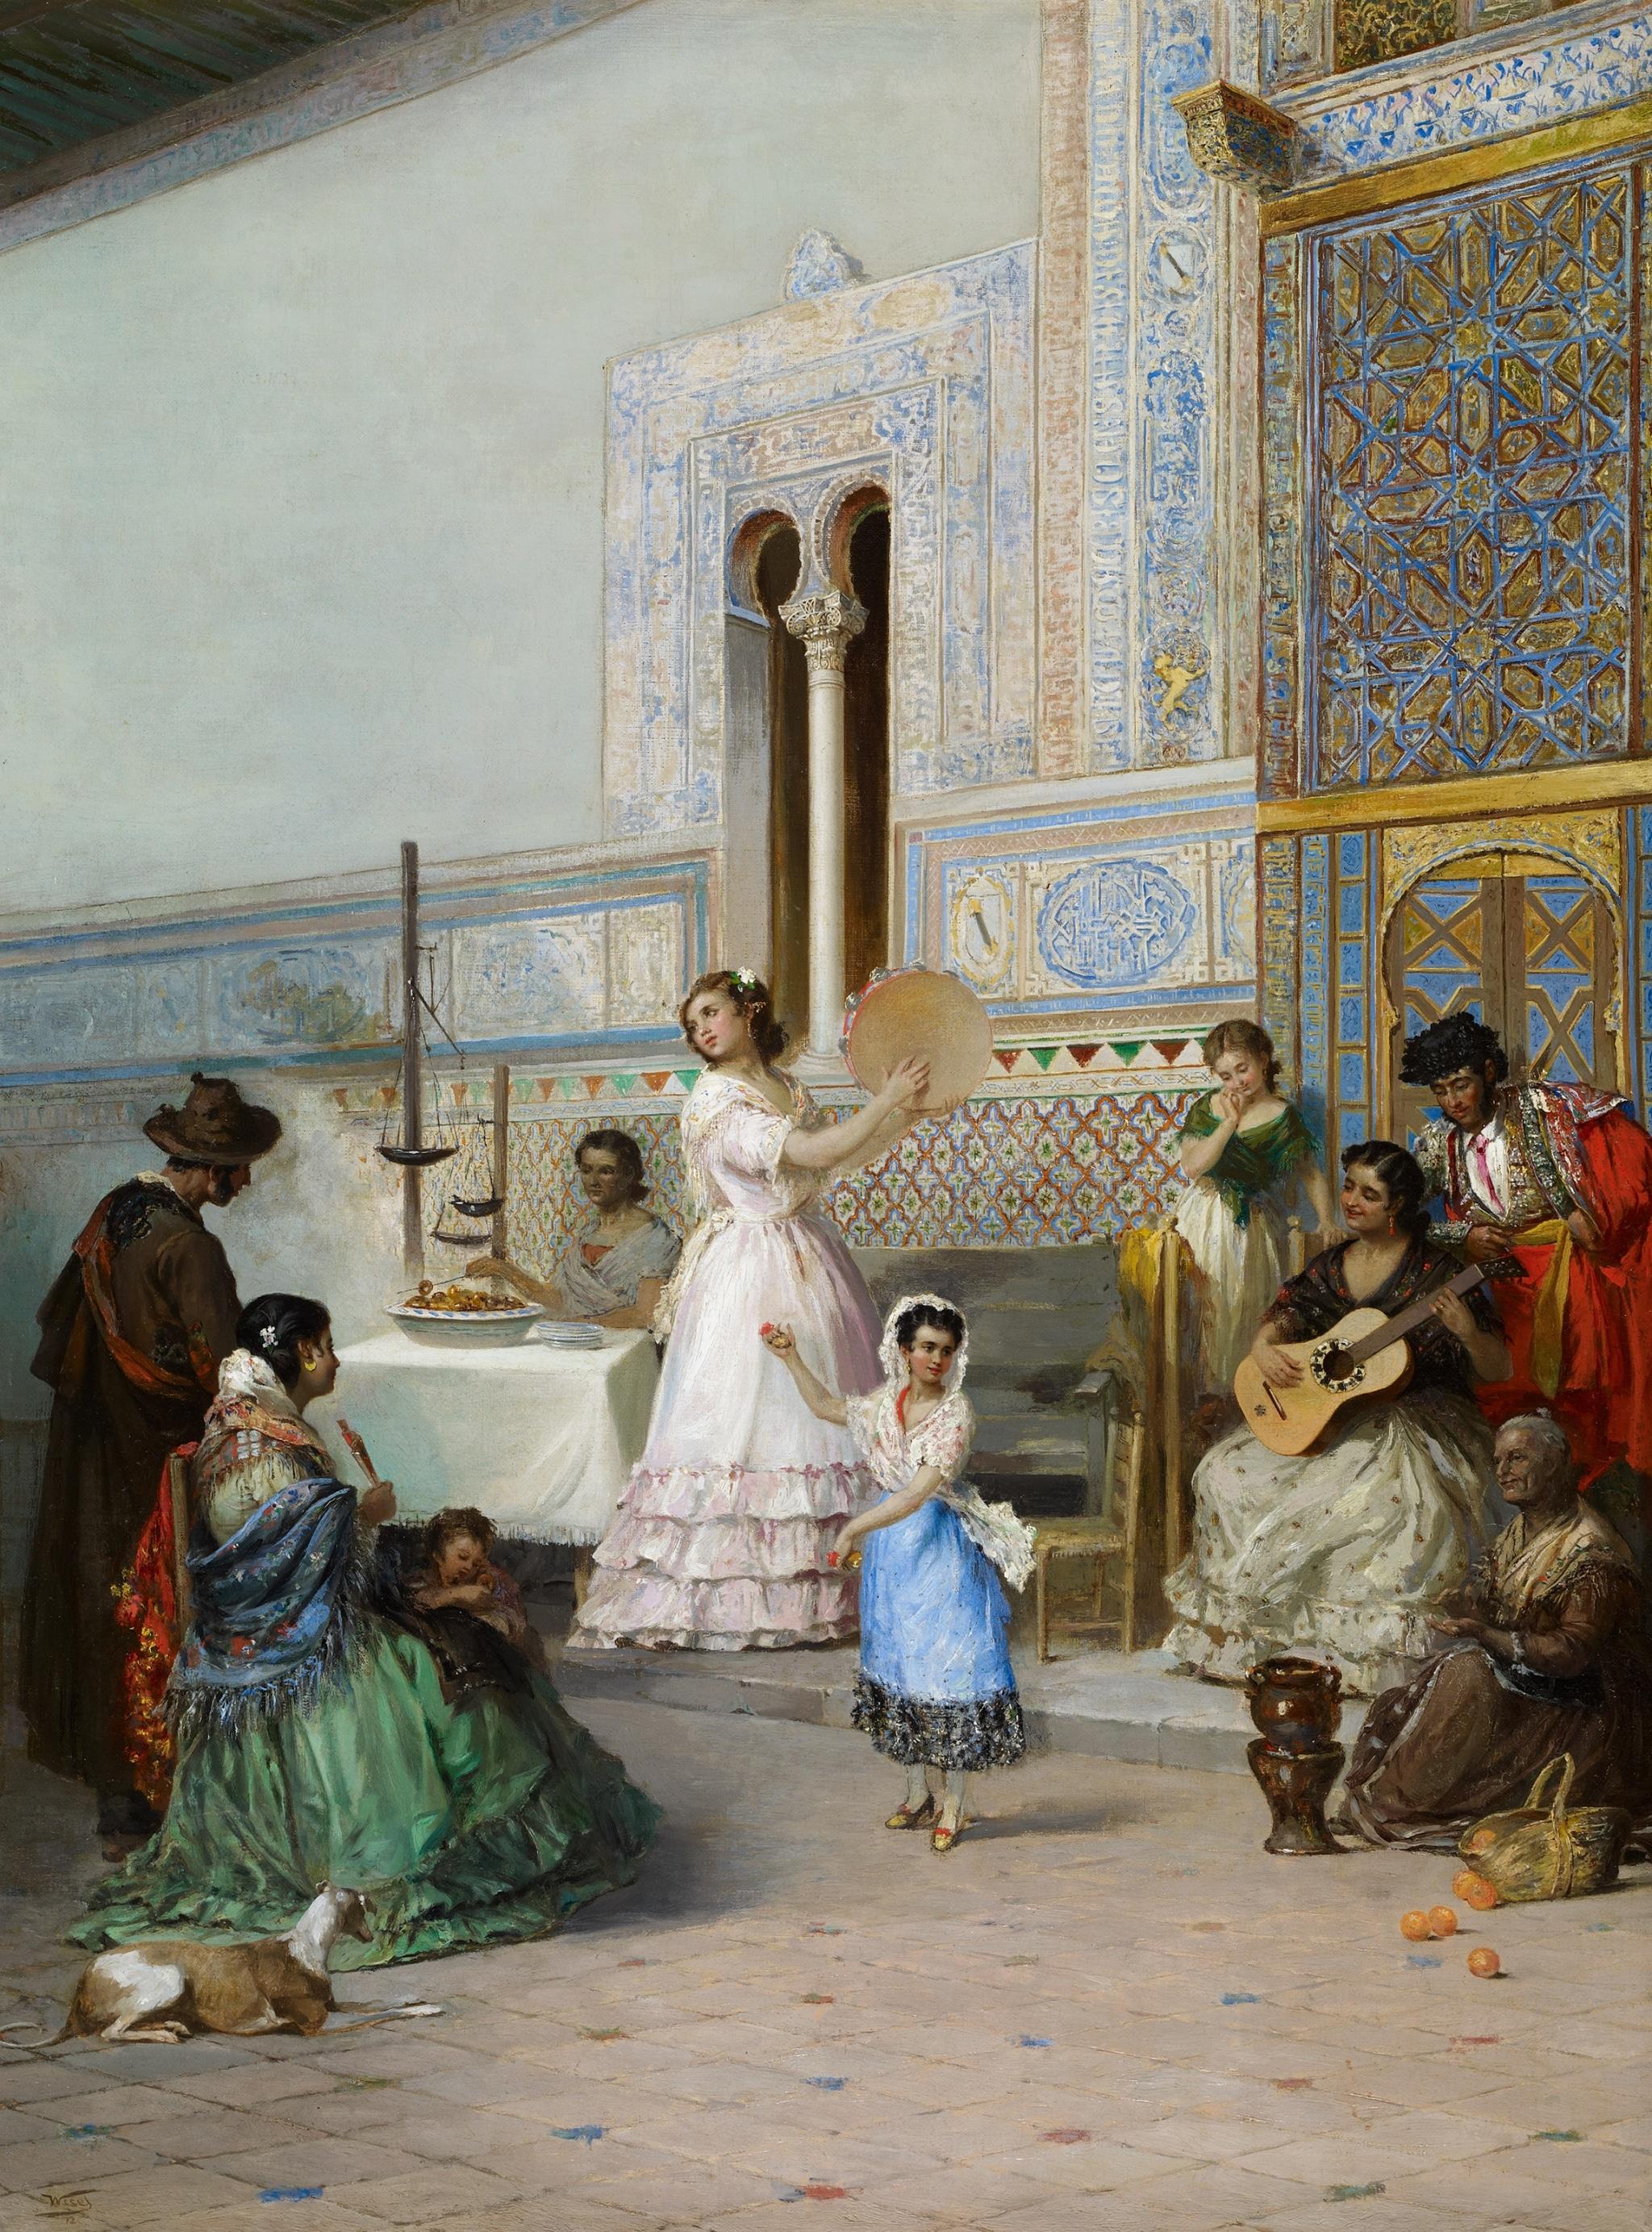 Pintura del Alcázar de Sevilla por Manuel Wssel de Guimbarda